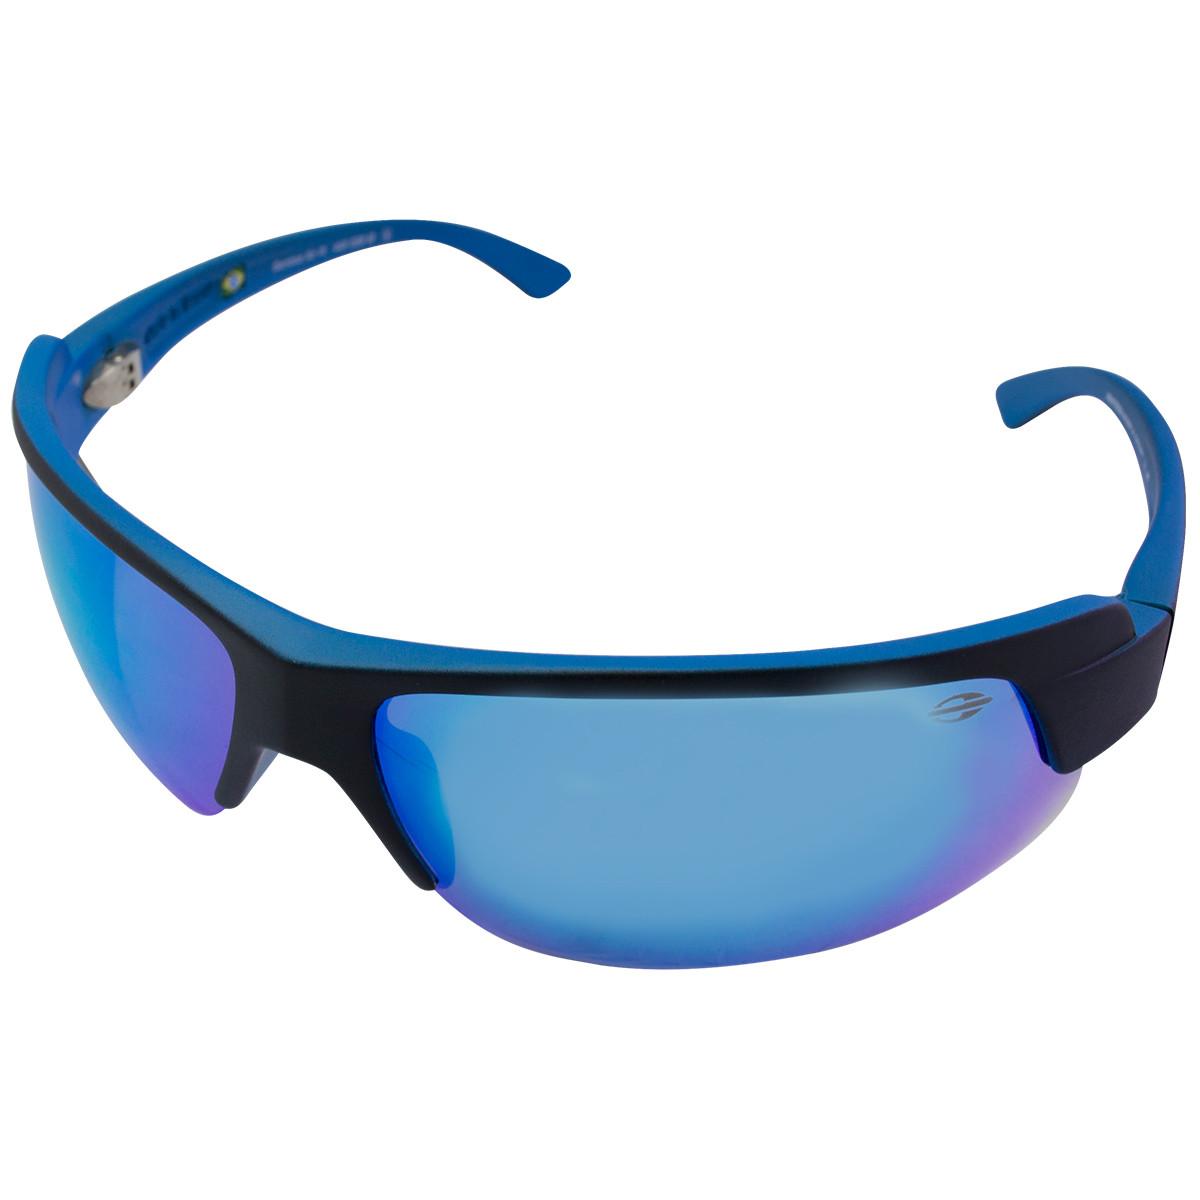 Óculos Mormaii Gamboa Air 3 Azul e Preto  Lente Flash Azul ref 44103312 af1f162c41